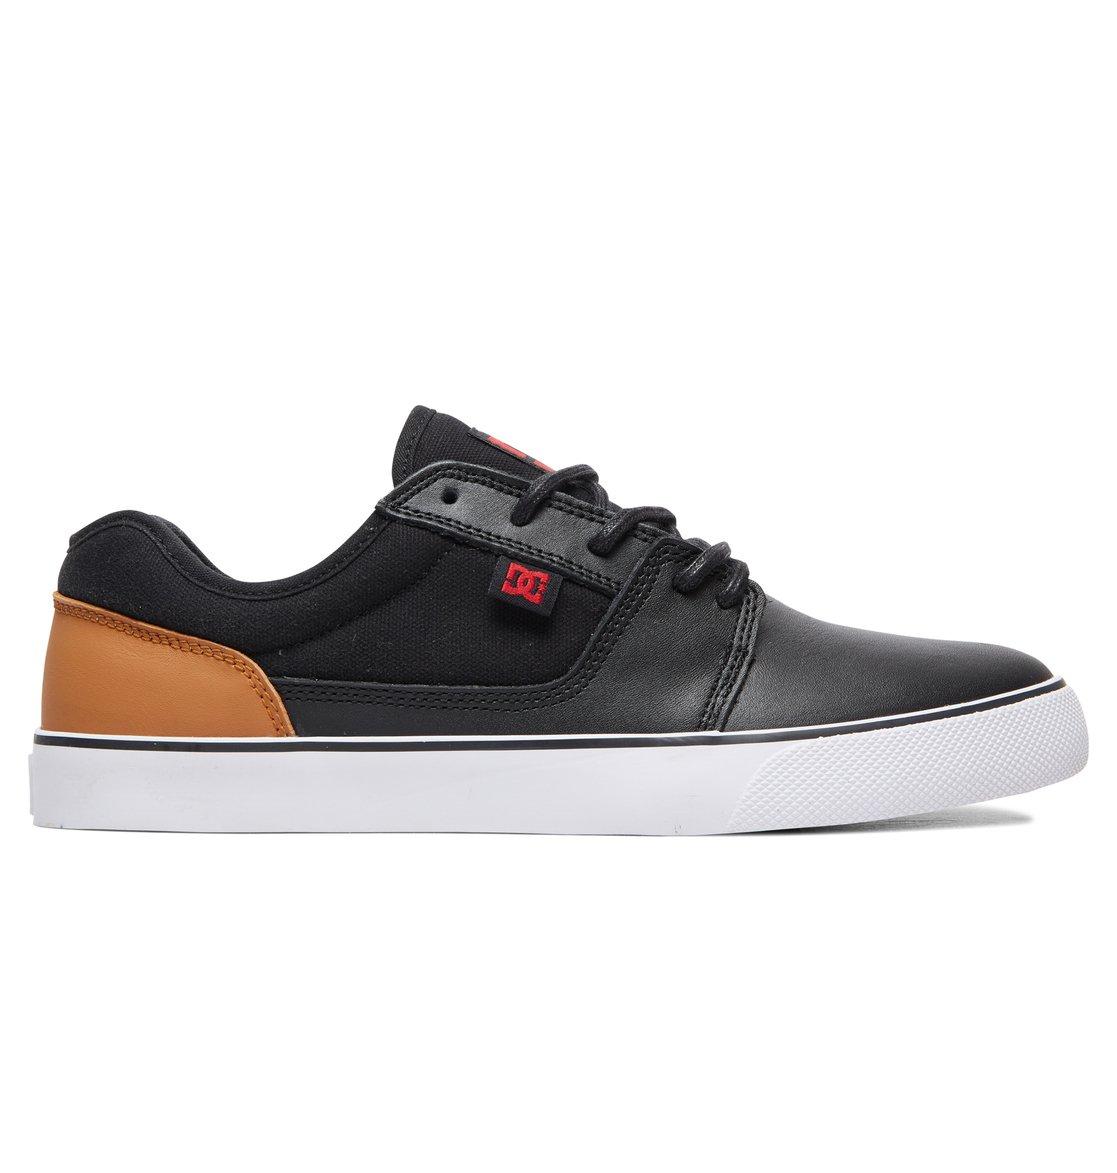 Tonik Shoes Zapatos para SE Negro DC 303064 0 Hombre F8qdwdfE